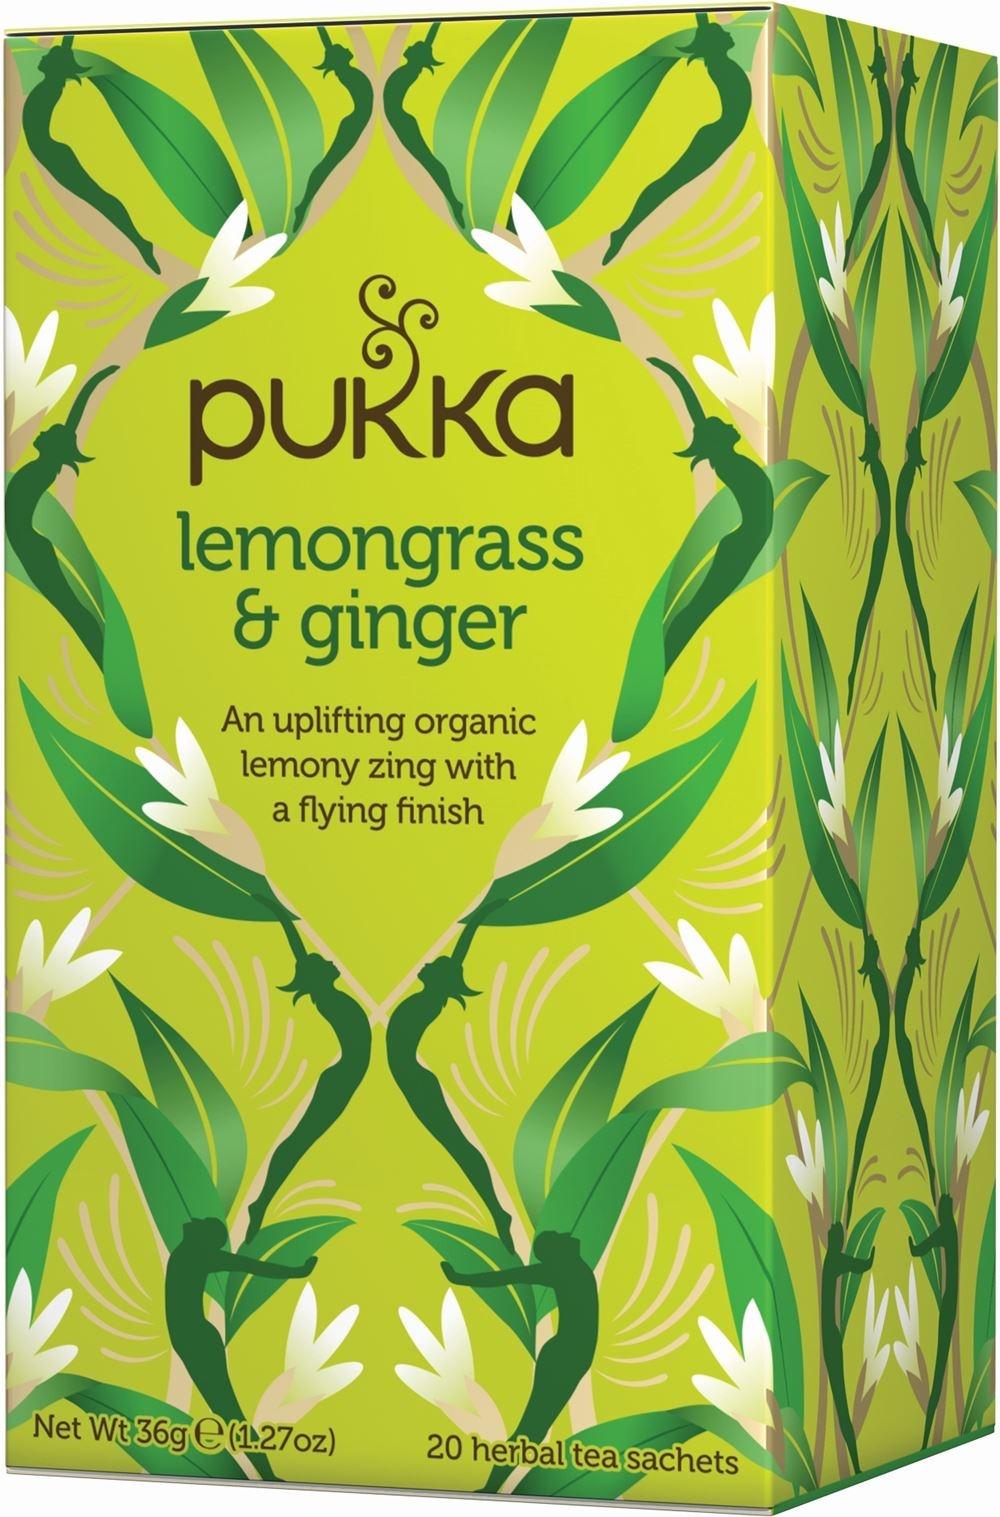 Pukka Lemongrass & Ginger Herbal Tea x 20 bags